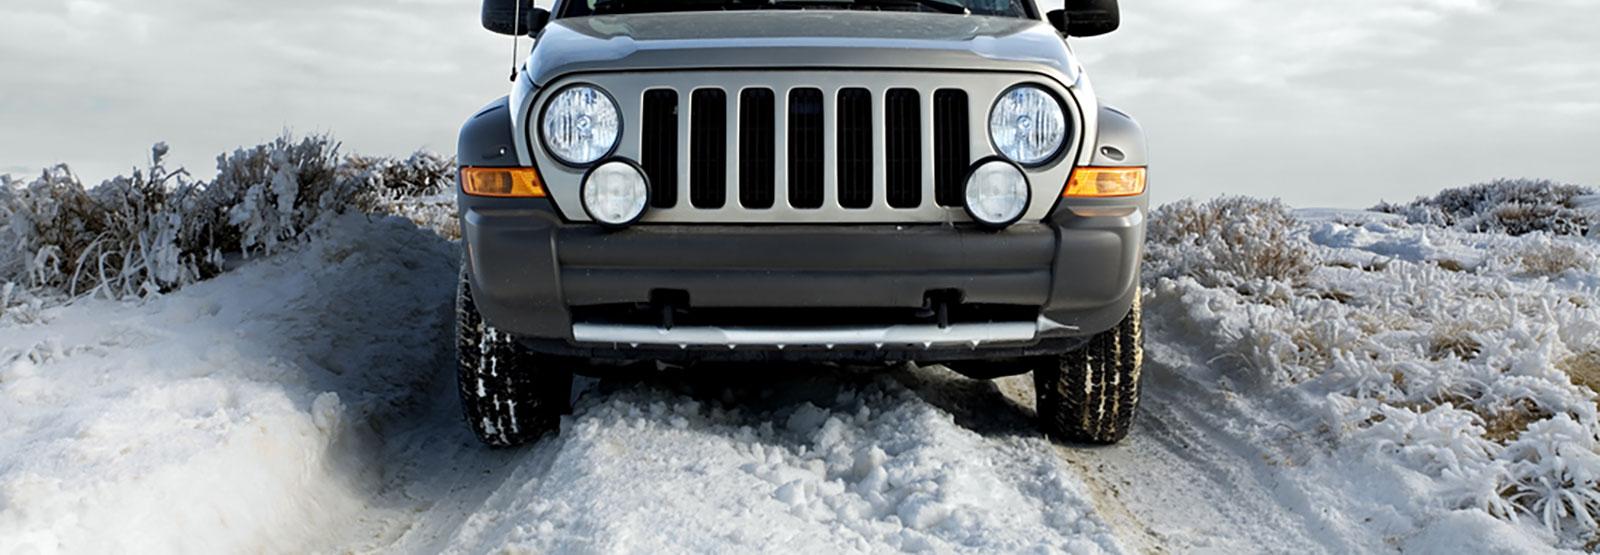 winterbnden-autobedrijf-cor-van-bree-deurne